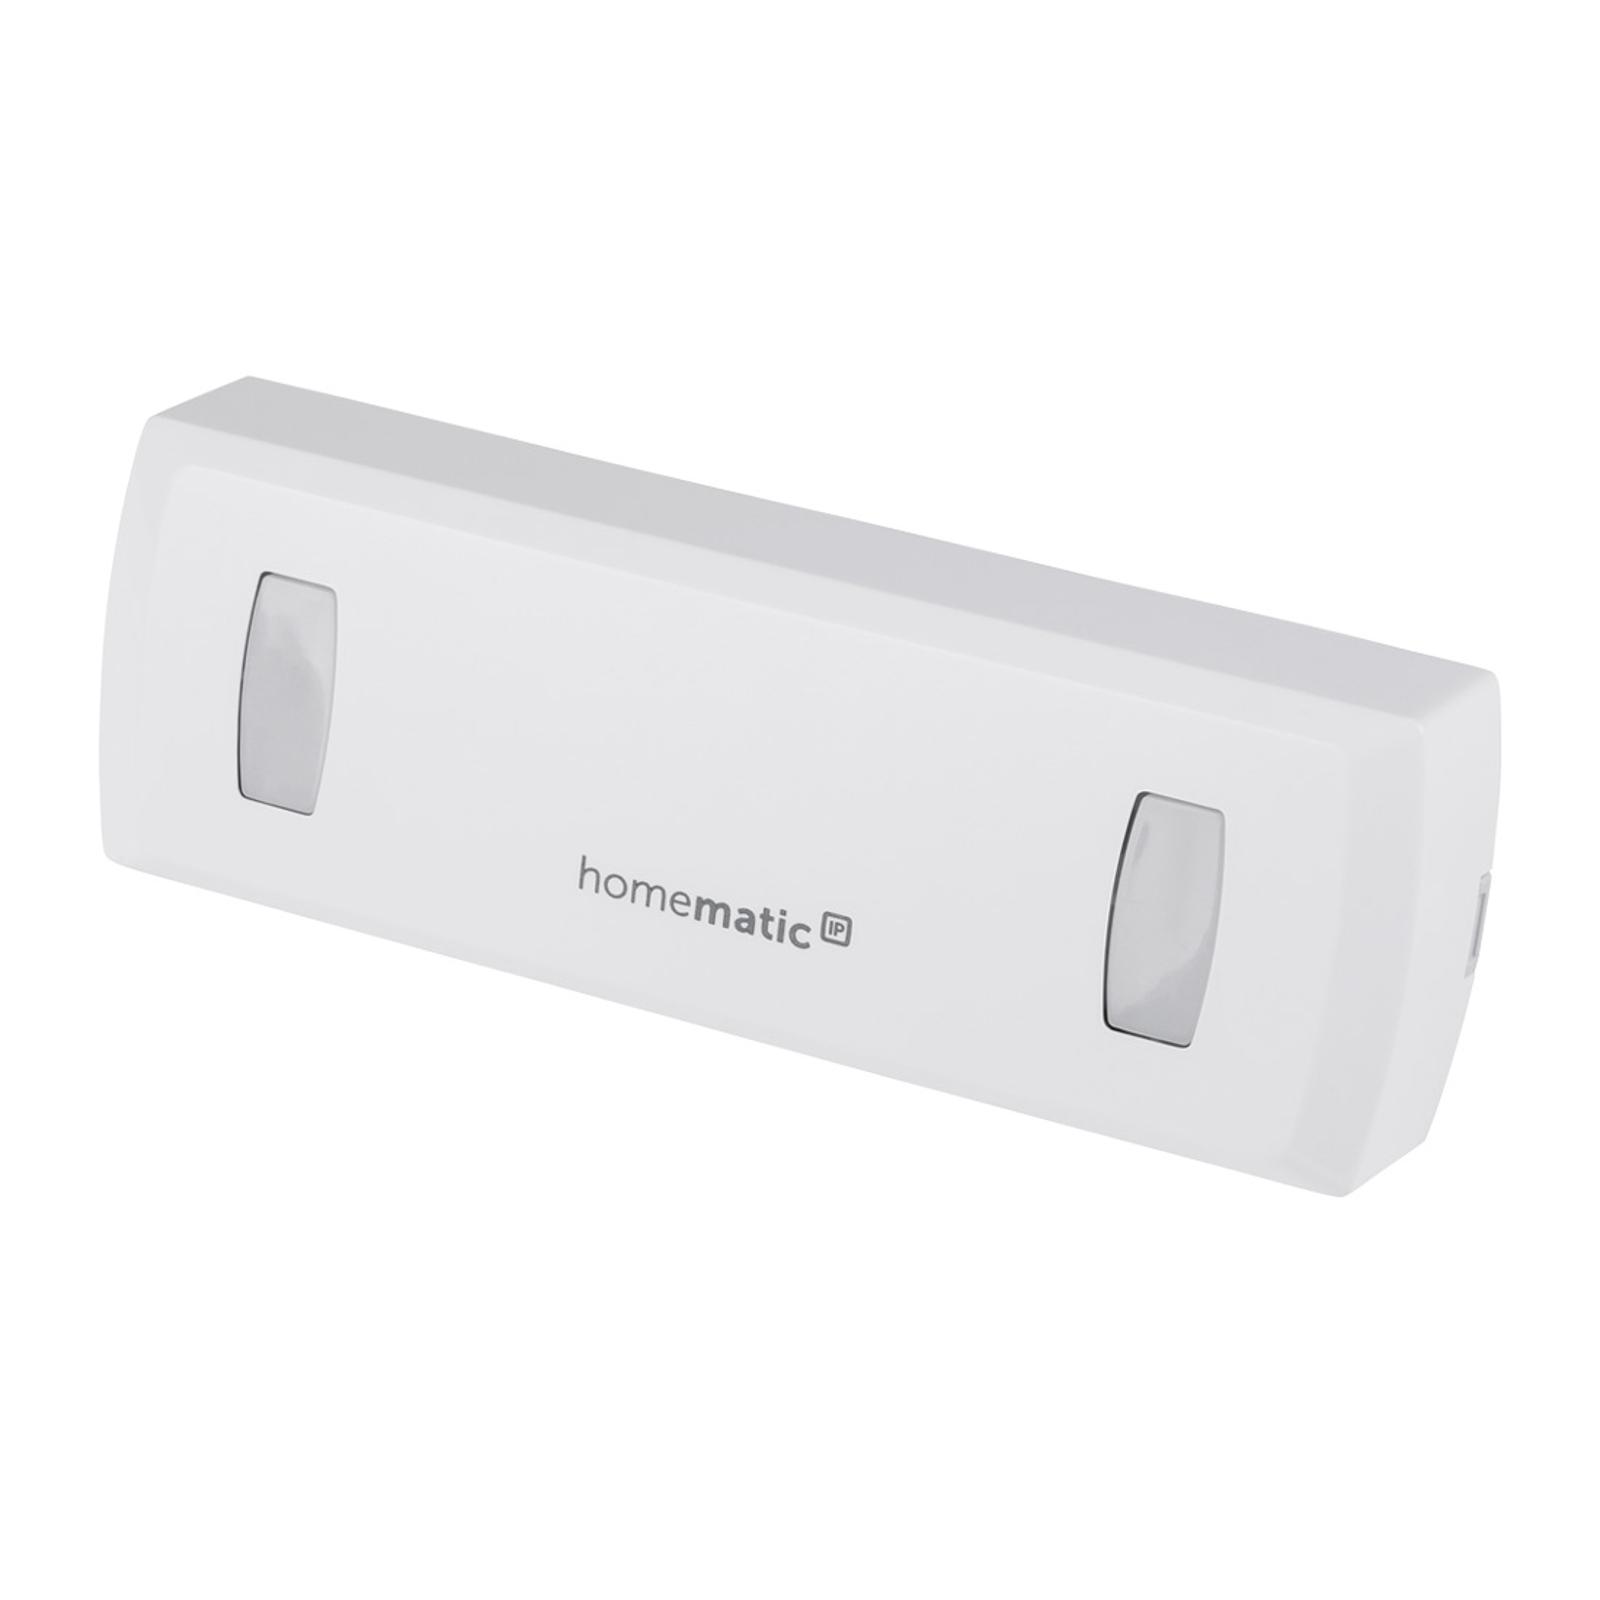 Homematic IP capteur passage, détection direction